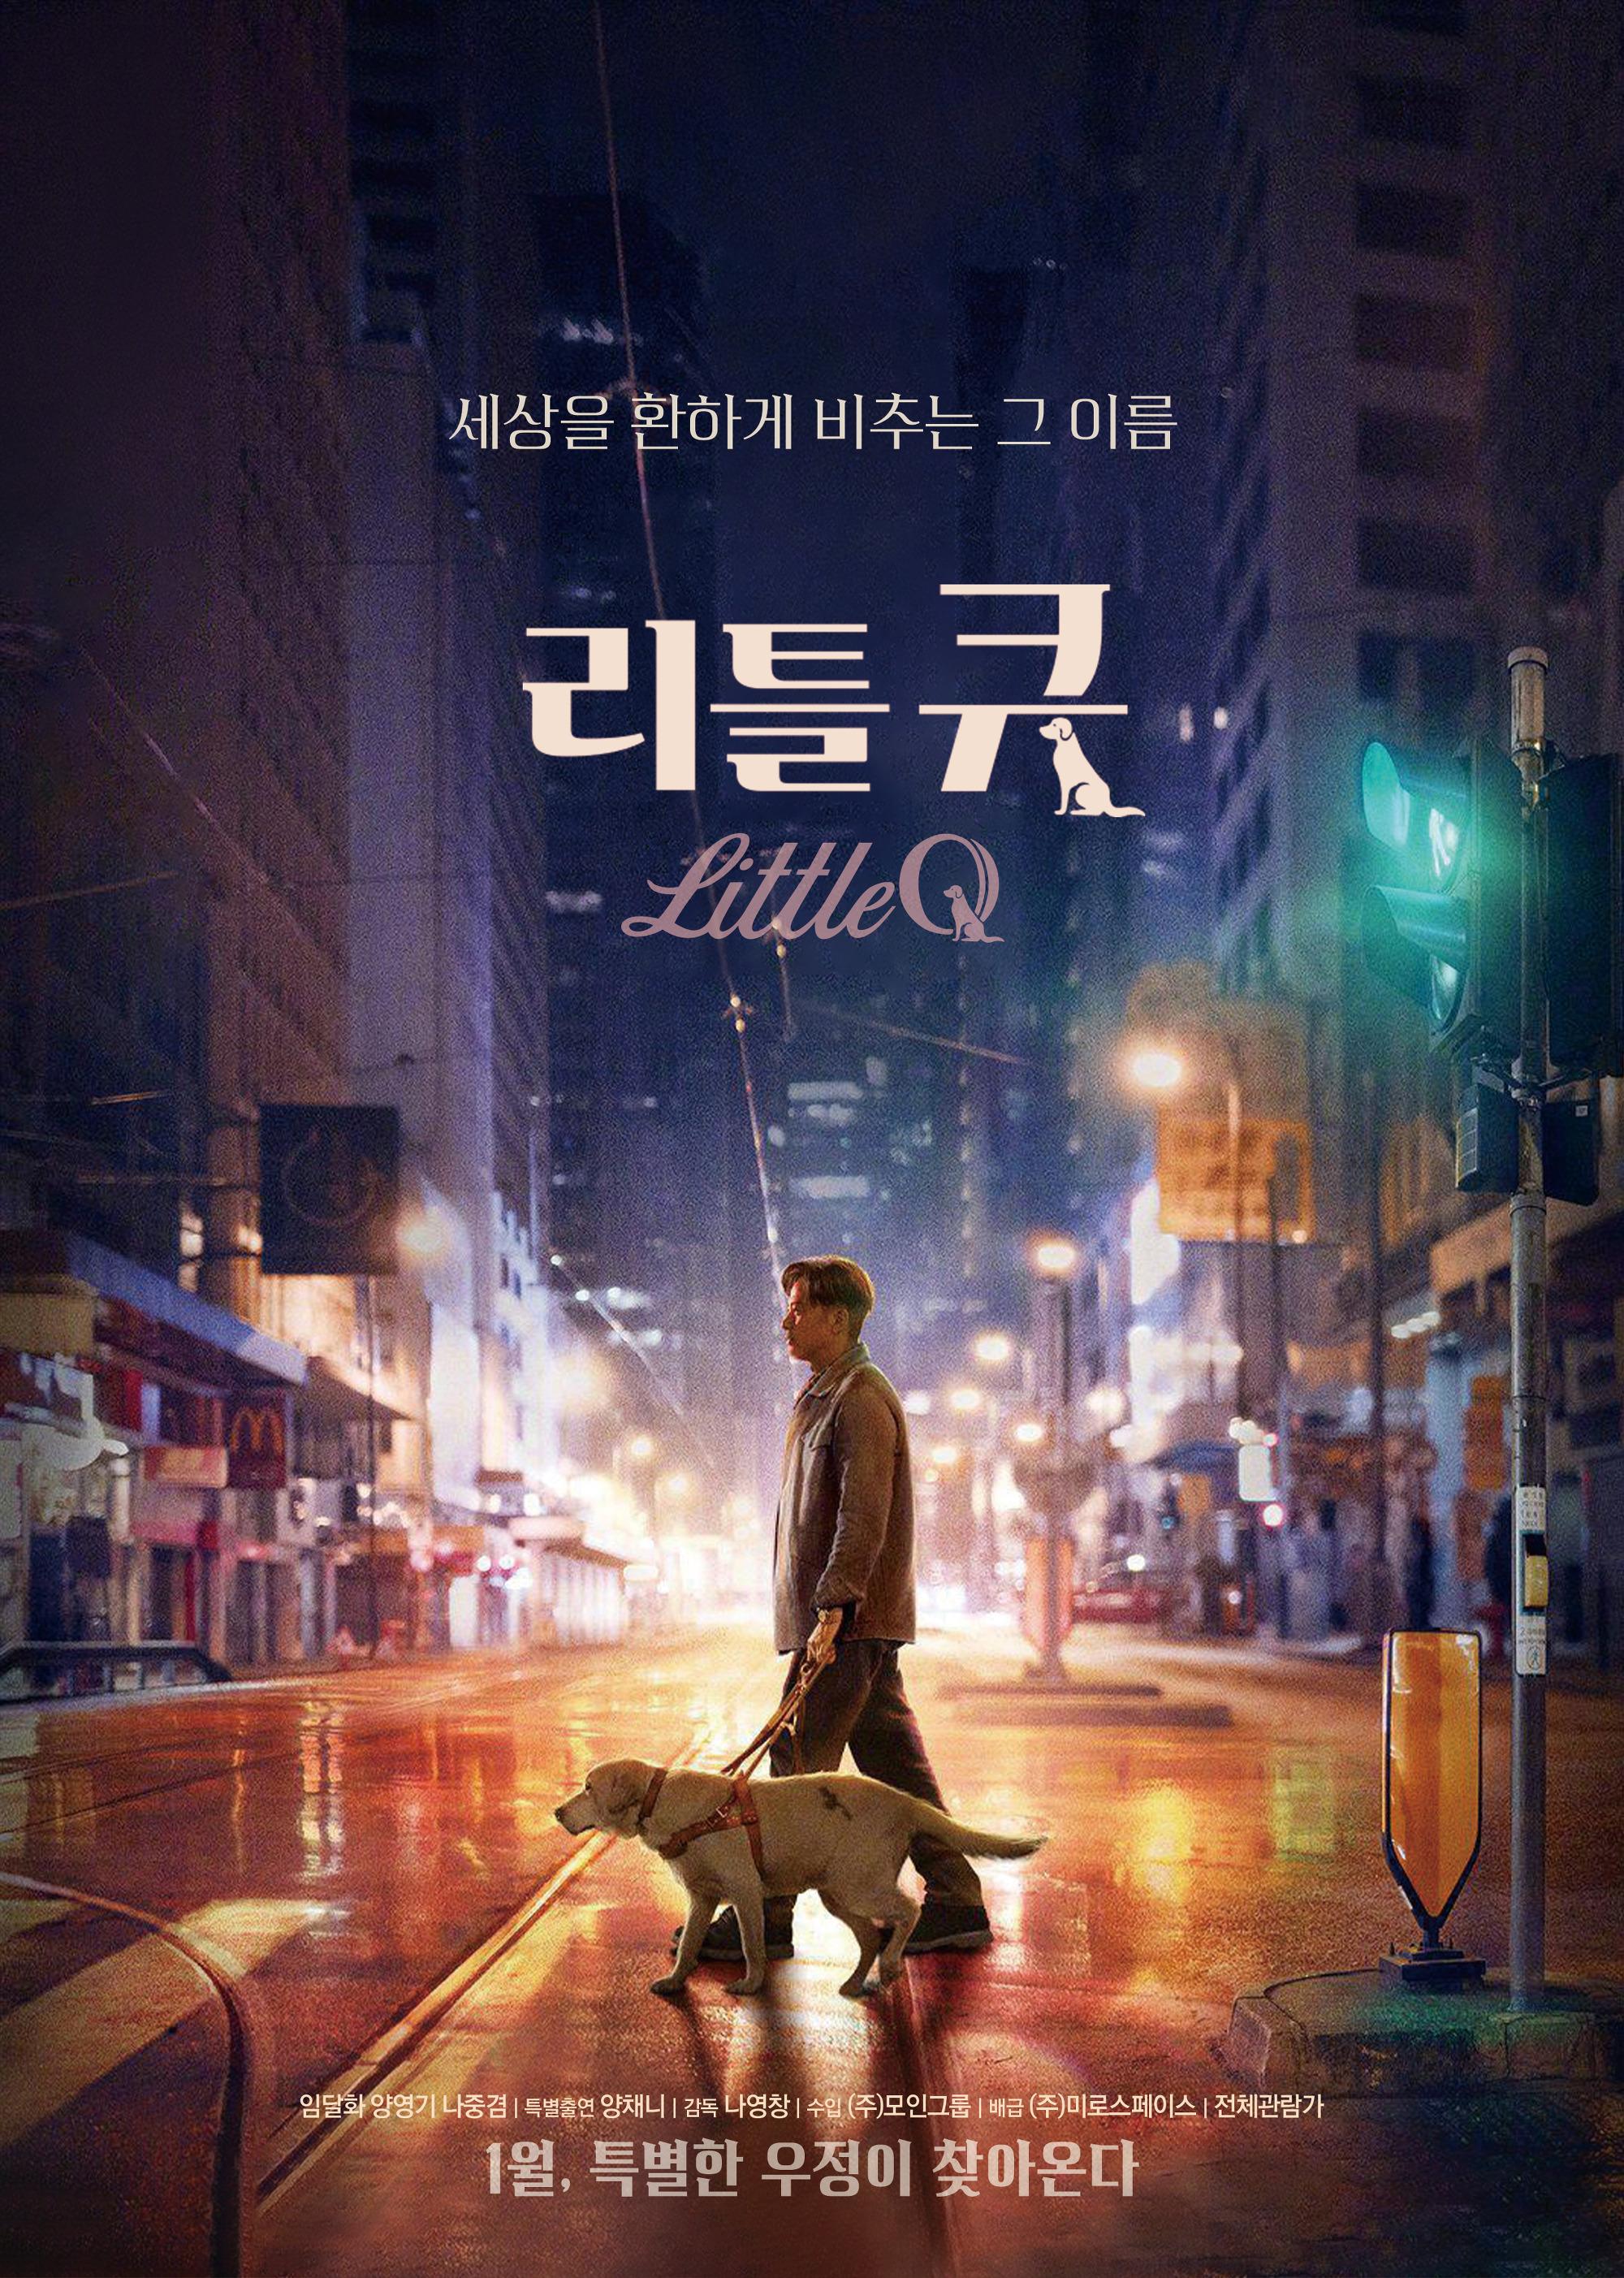 제7회 부산가치봄영화제 <리틀큐> 포스터